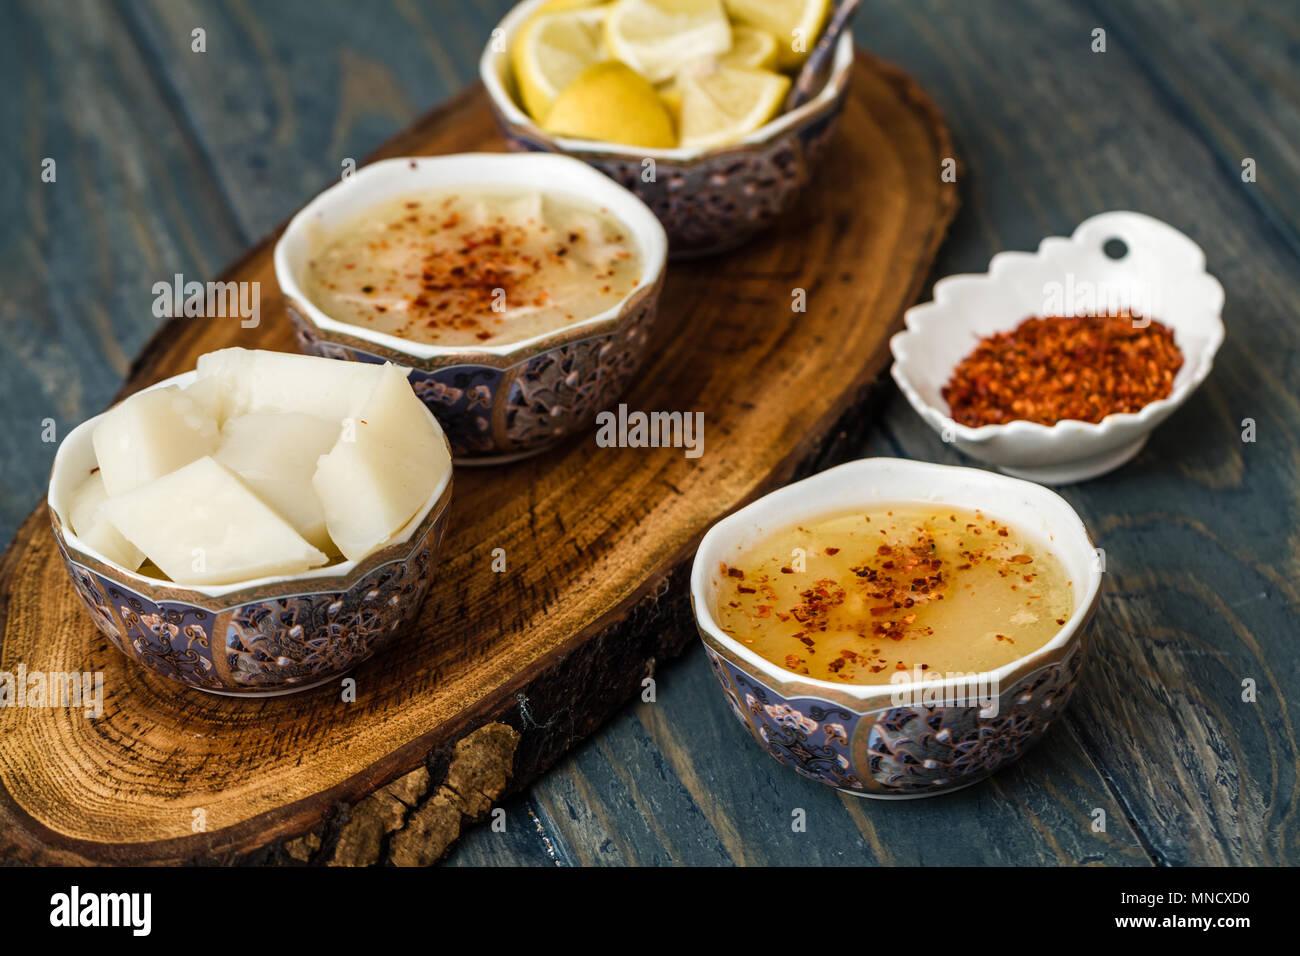 Cocina Turca Amazing Berenjenas Asadas Al Estilo Turco